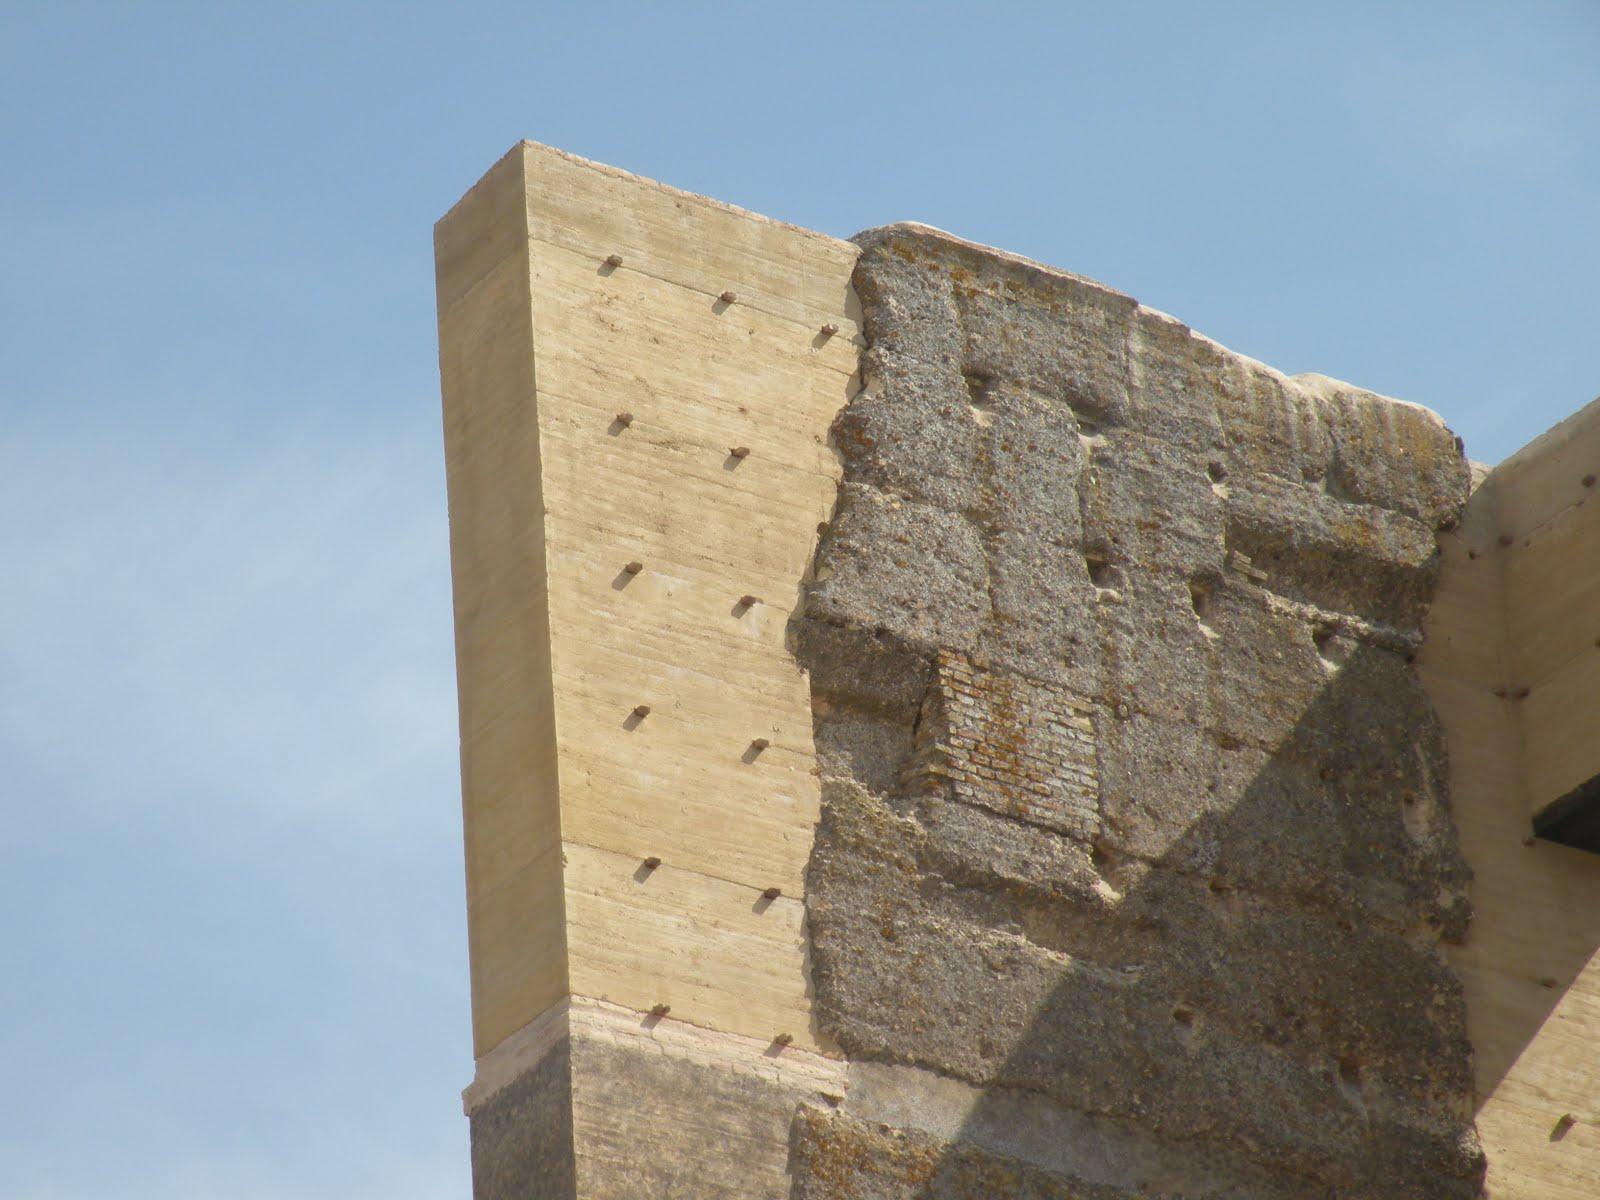 Album de imágenes de intervenciones sobre edificaciones de tapia